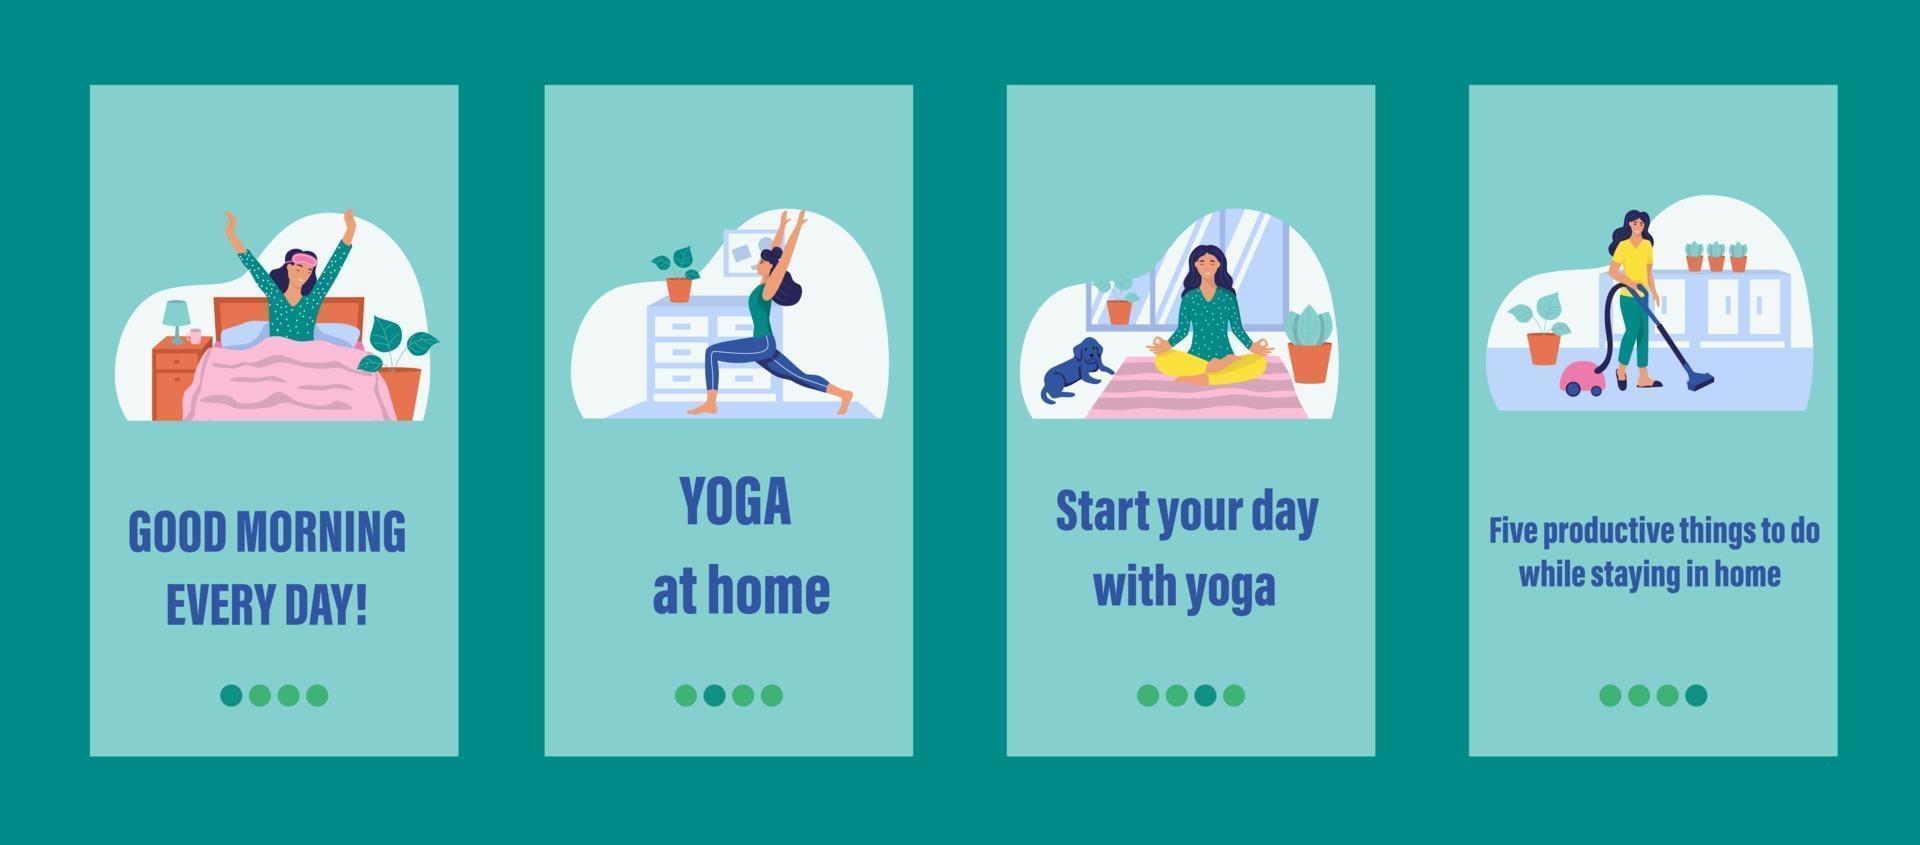 mobile App-Vorlage für das tägliche Leben. Konzept der inneren Angelegenheiten, Selbstisolation, Sport zu Hause. flache Vektorillustration. vektor